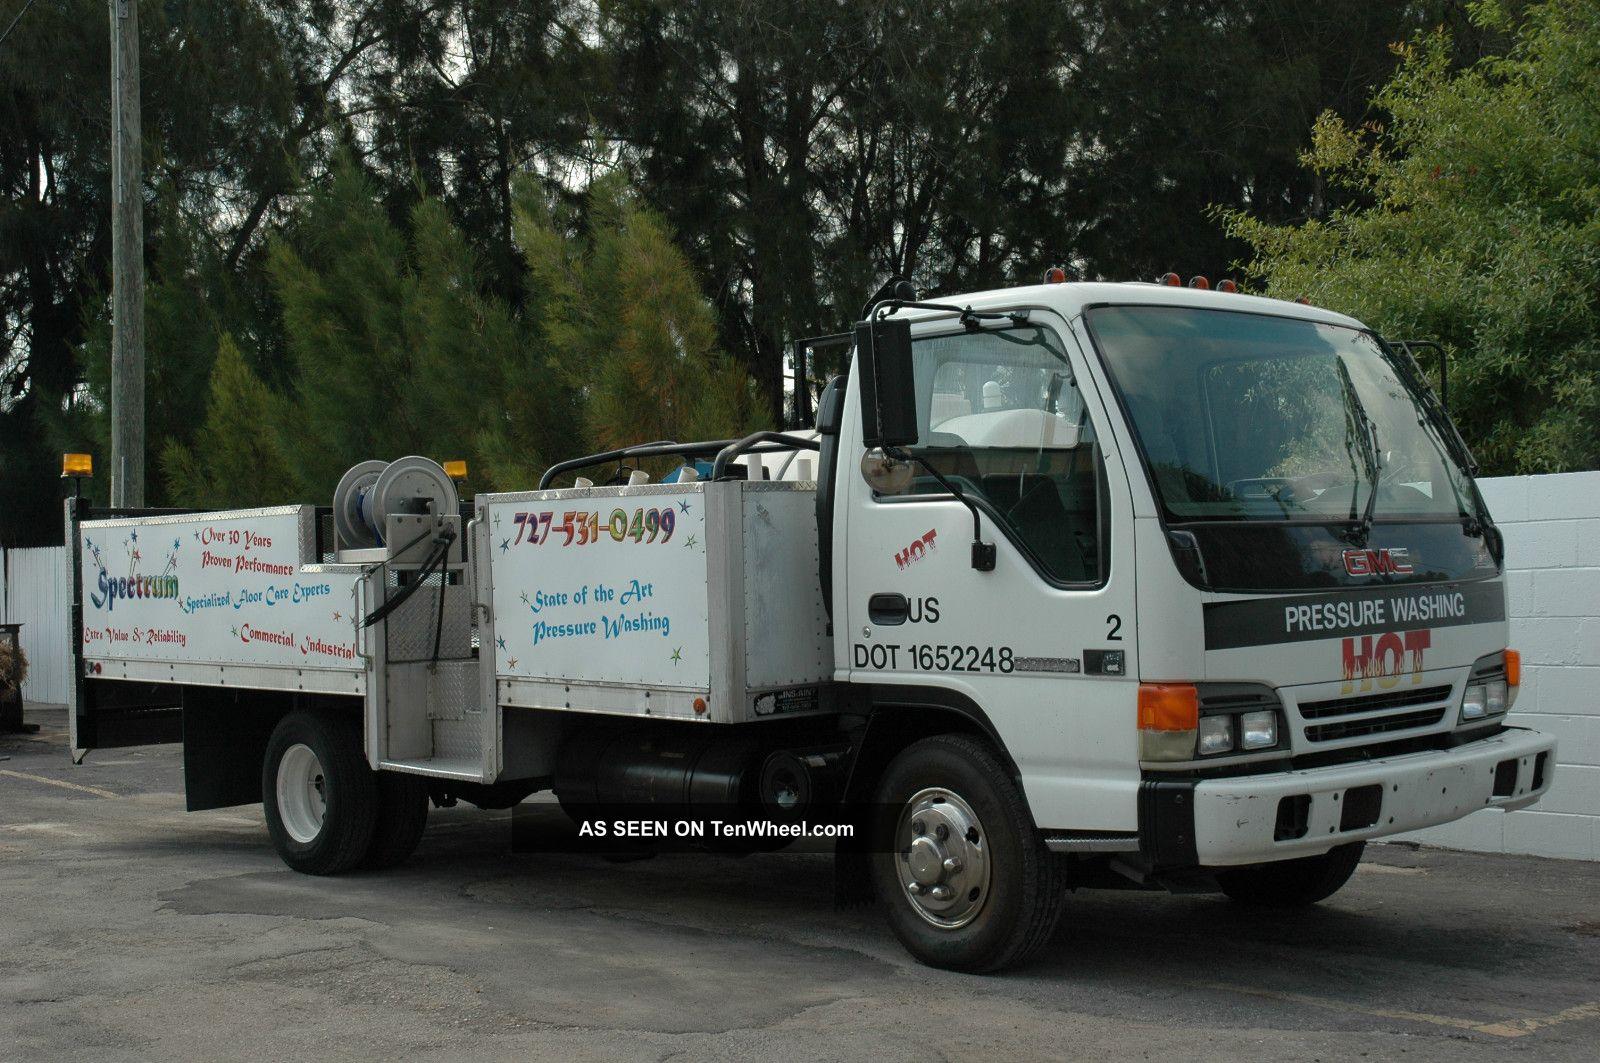 Gmc Isuzu Diesel Heavy Duty Truck Water Tank Hot Pressure Wash Fertizlier Lgw